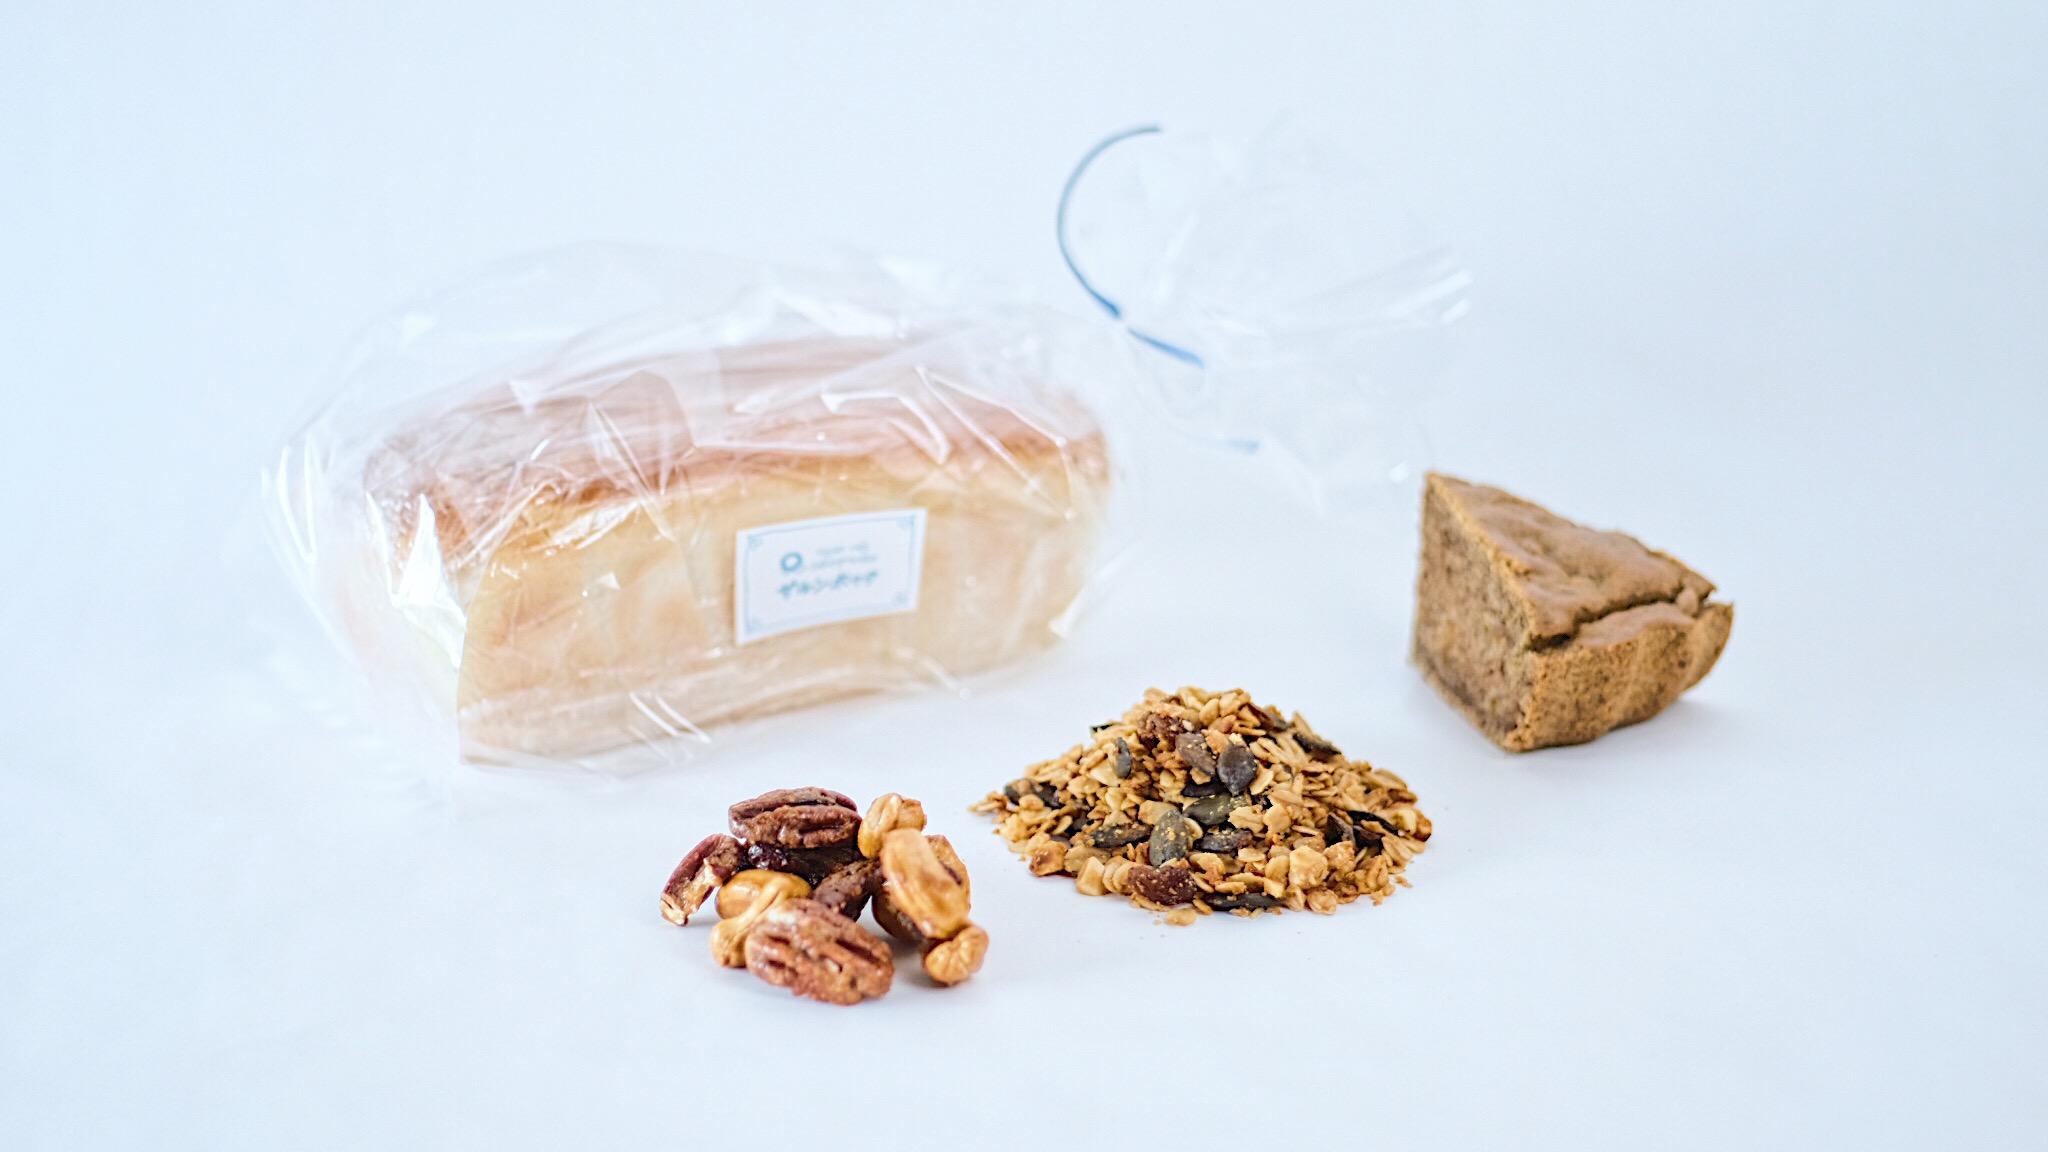 お米パン&焼き菓子セット(小麦不使用)2300円(税込み)